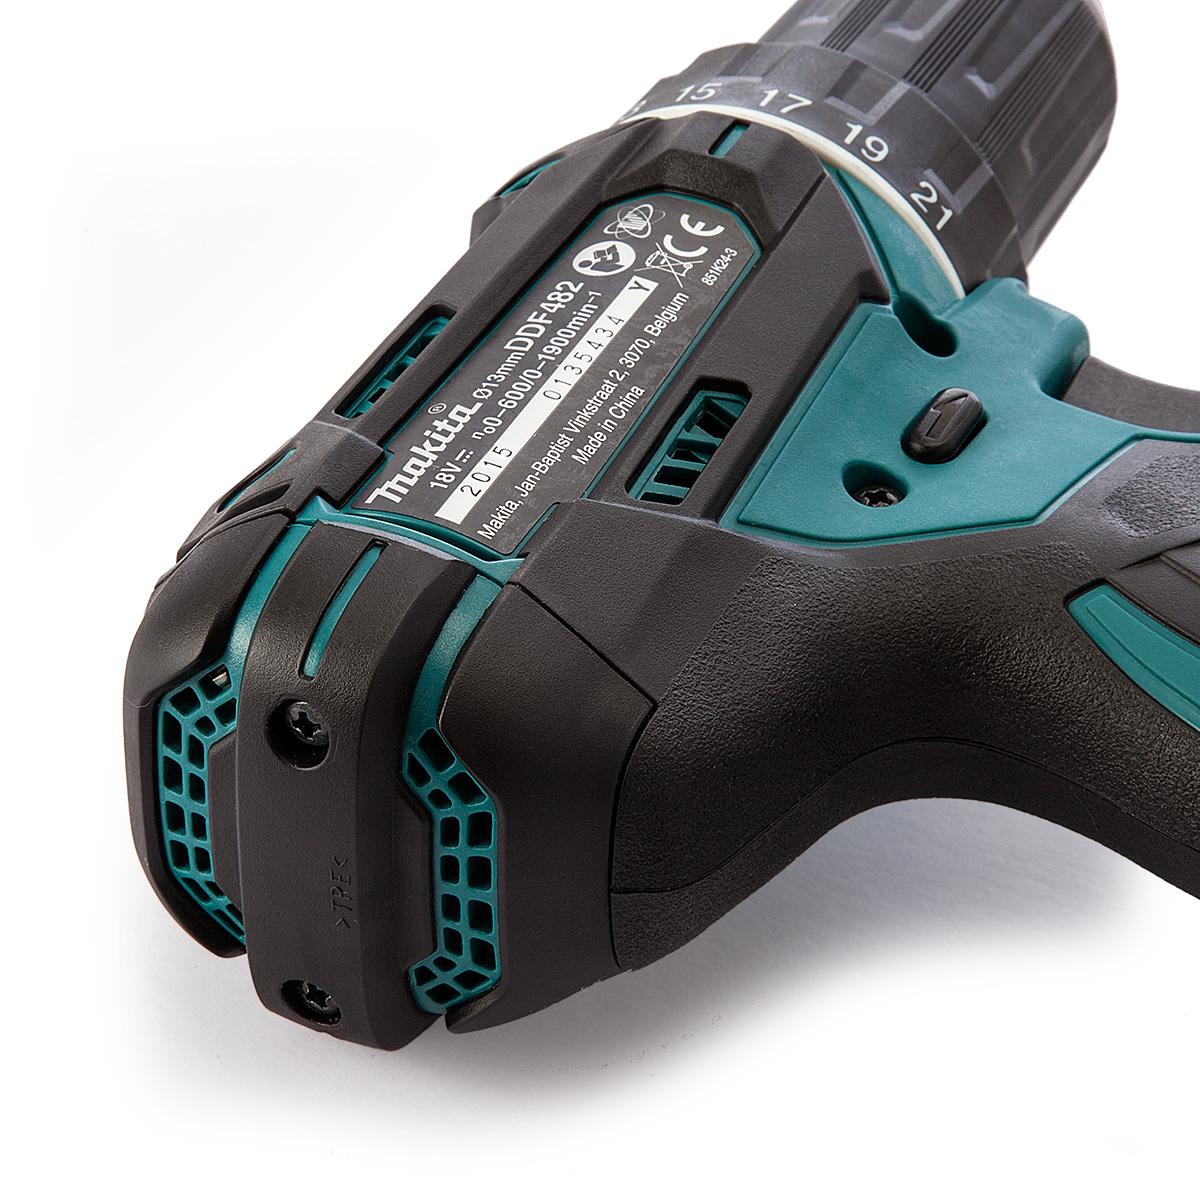 Bật mí 2 máy khoan cầm tay mini đa chức năng giá mềm